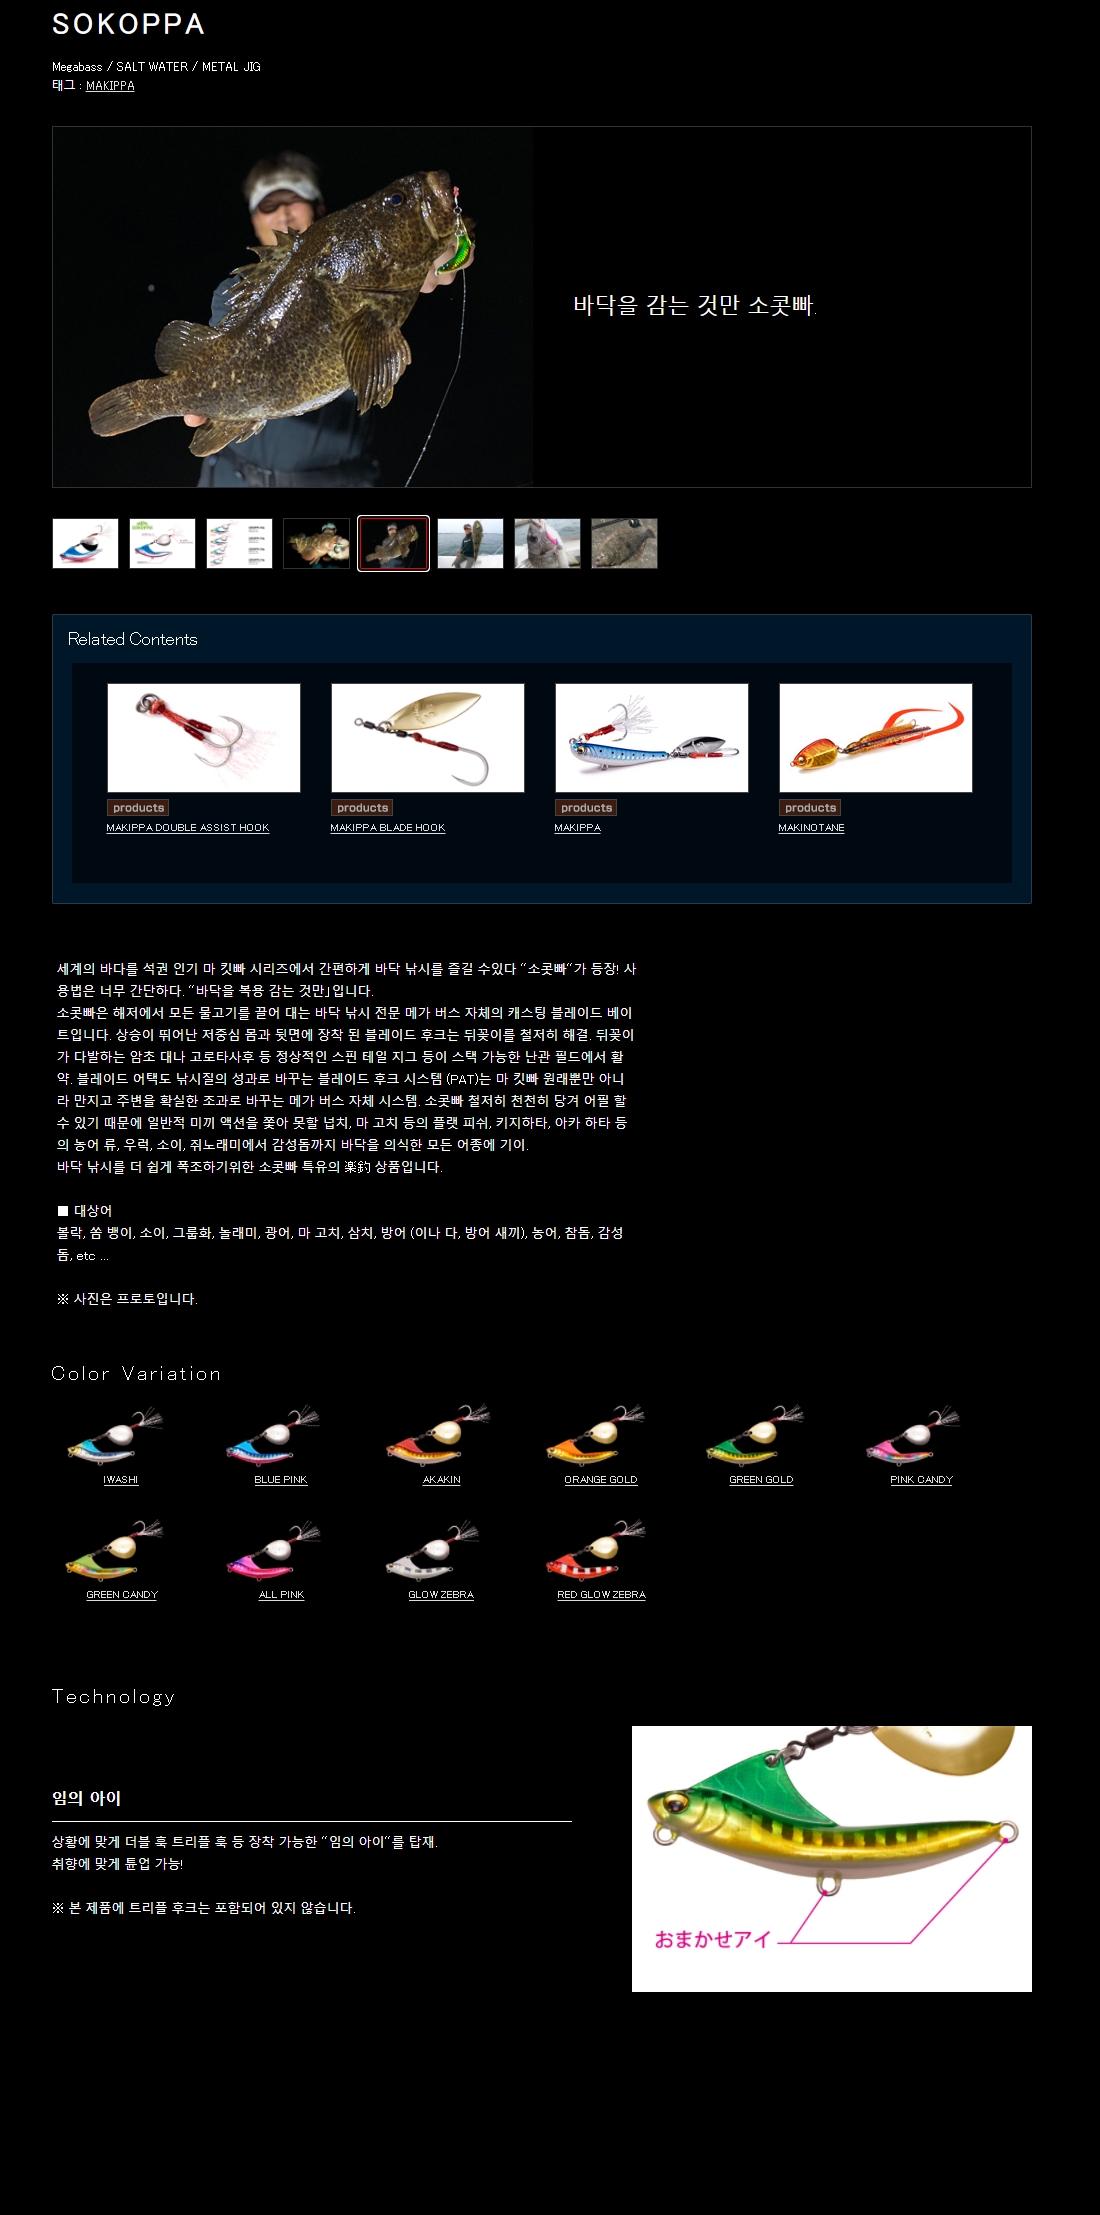 8c8a5e5eea255495cc028cc366f0292e_1604661319_1393.jpg